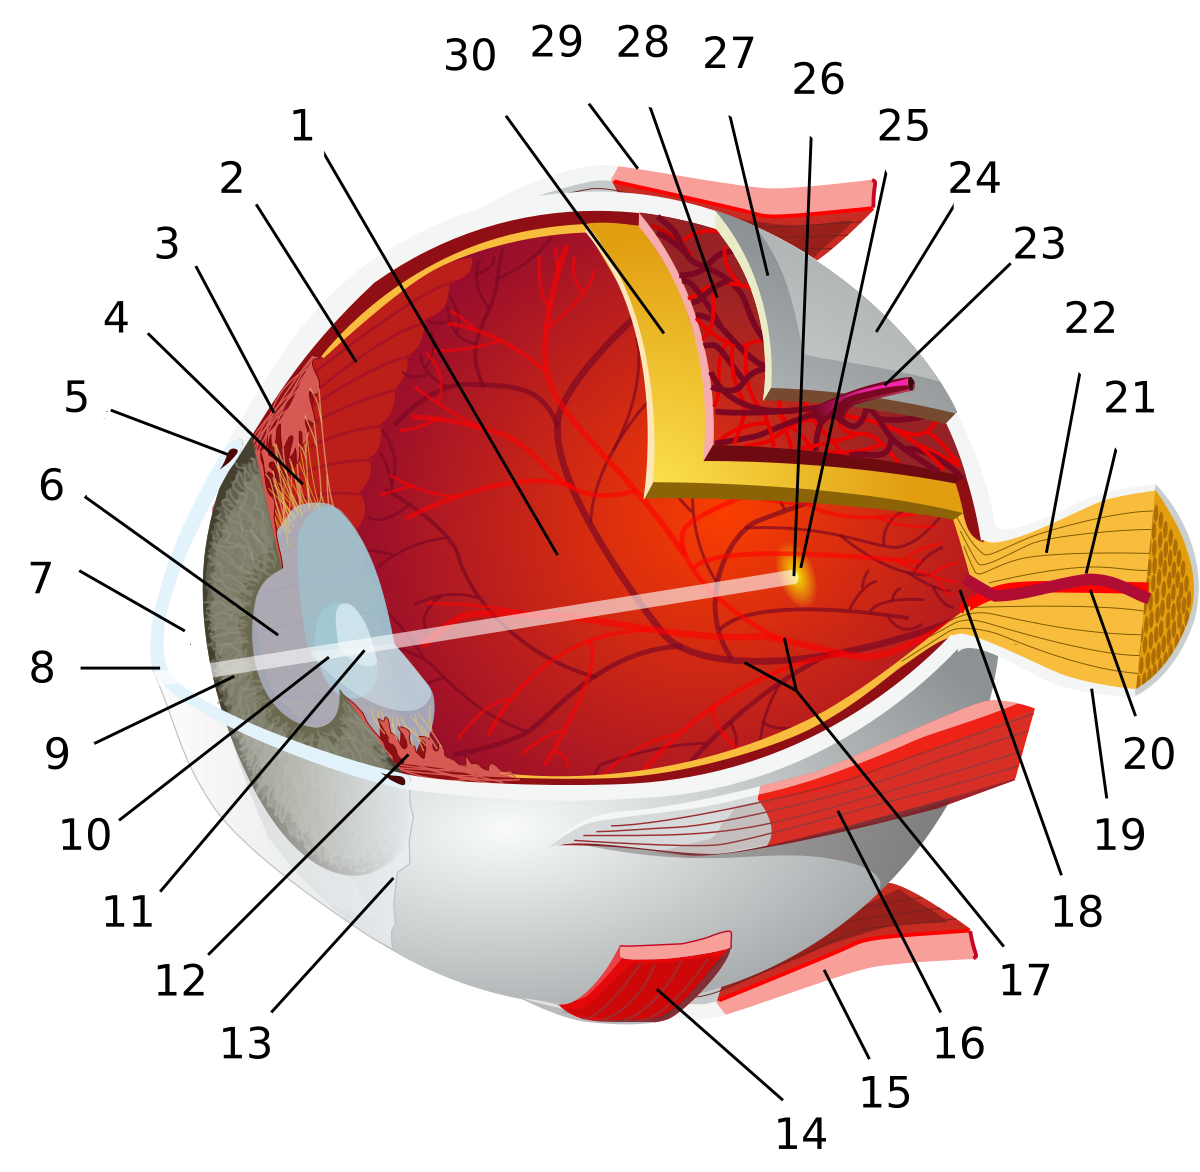 Mi, micsoda a szemészeti szakzsargonban? 1. rész - Optimum Szemészet